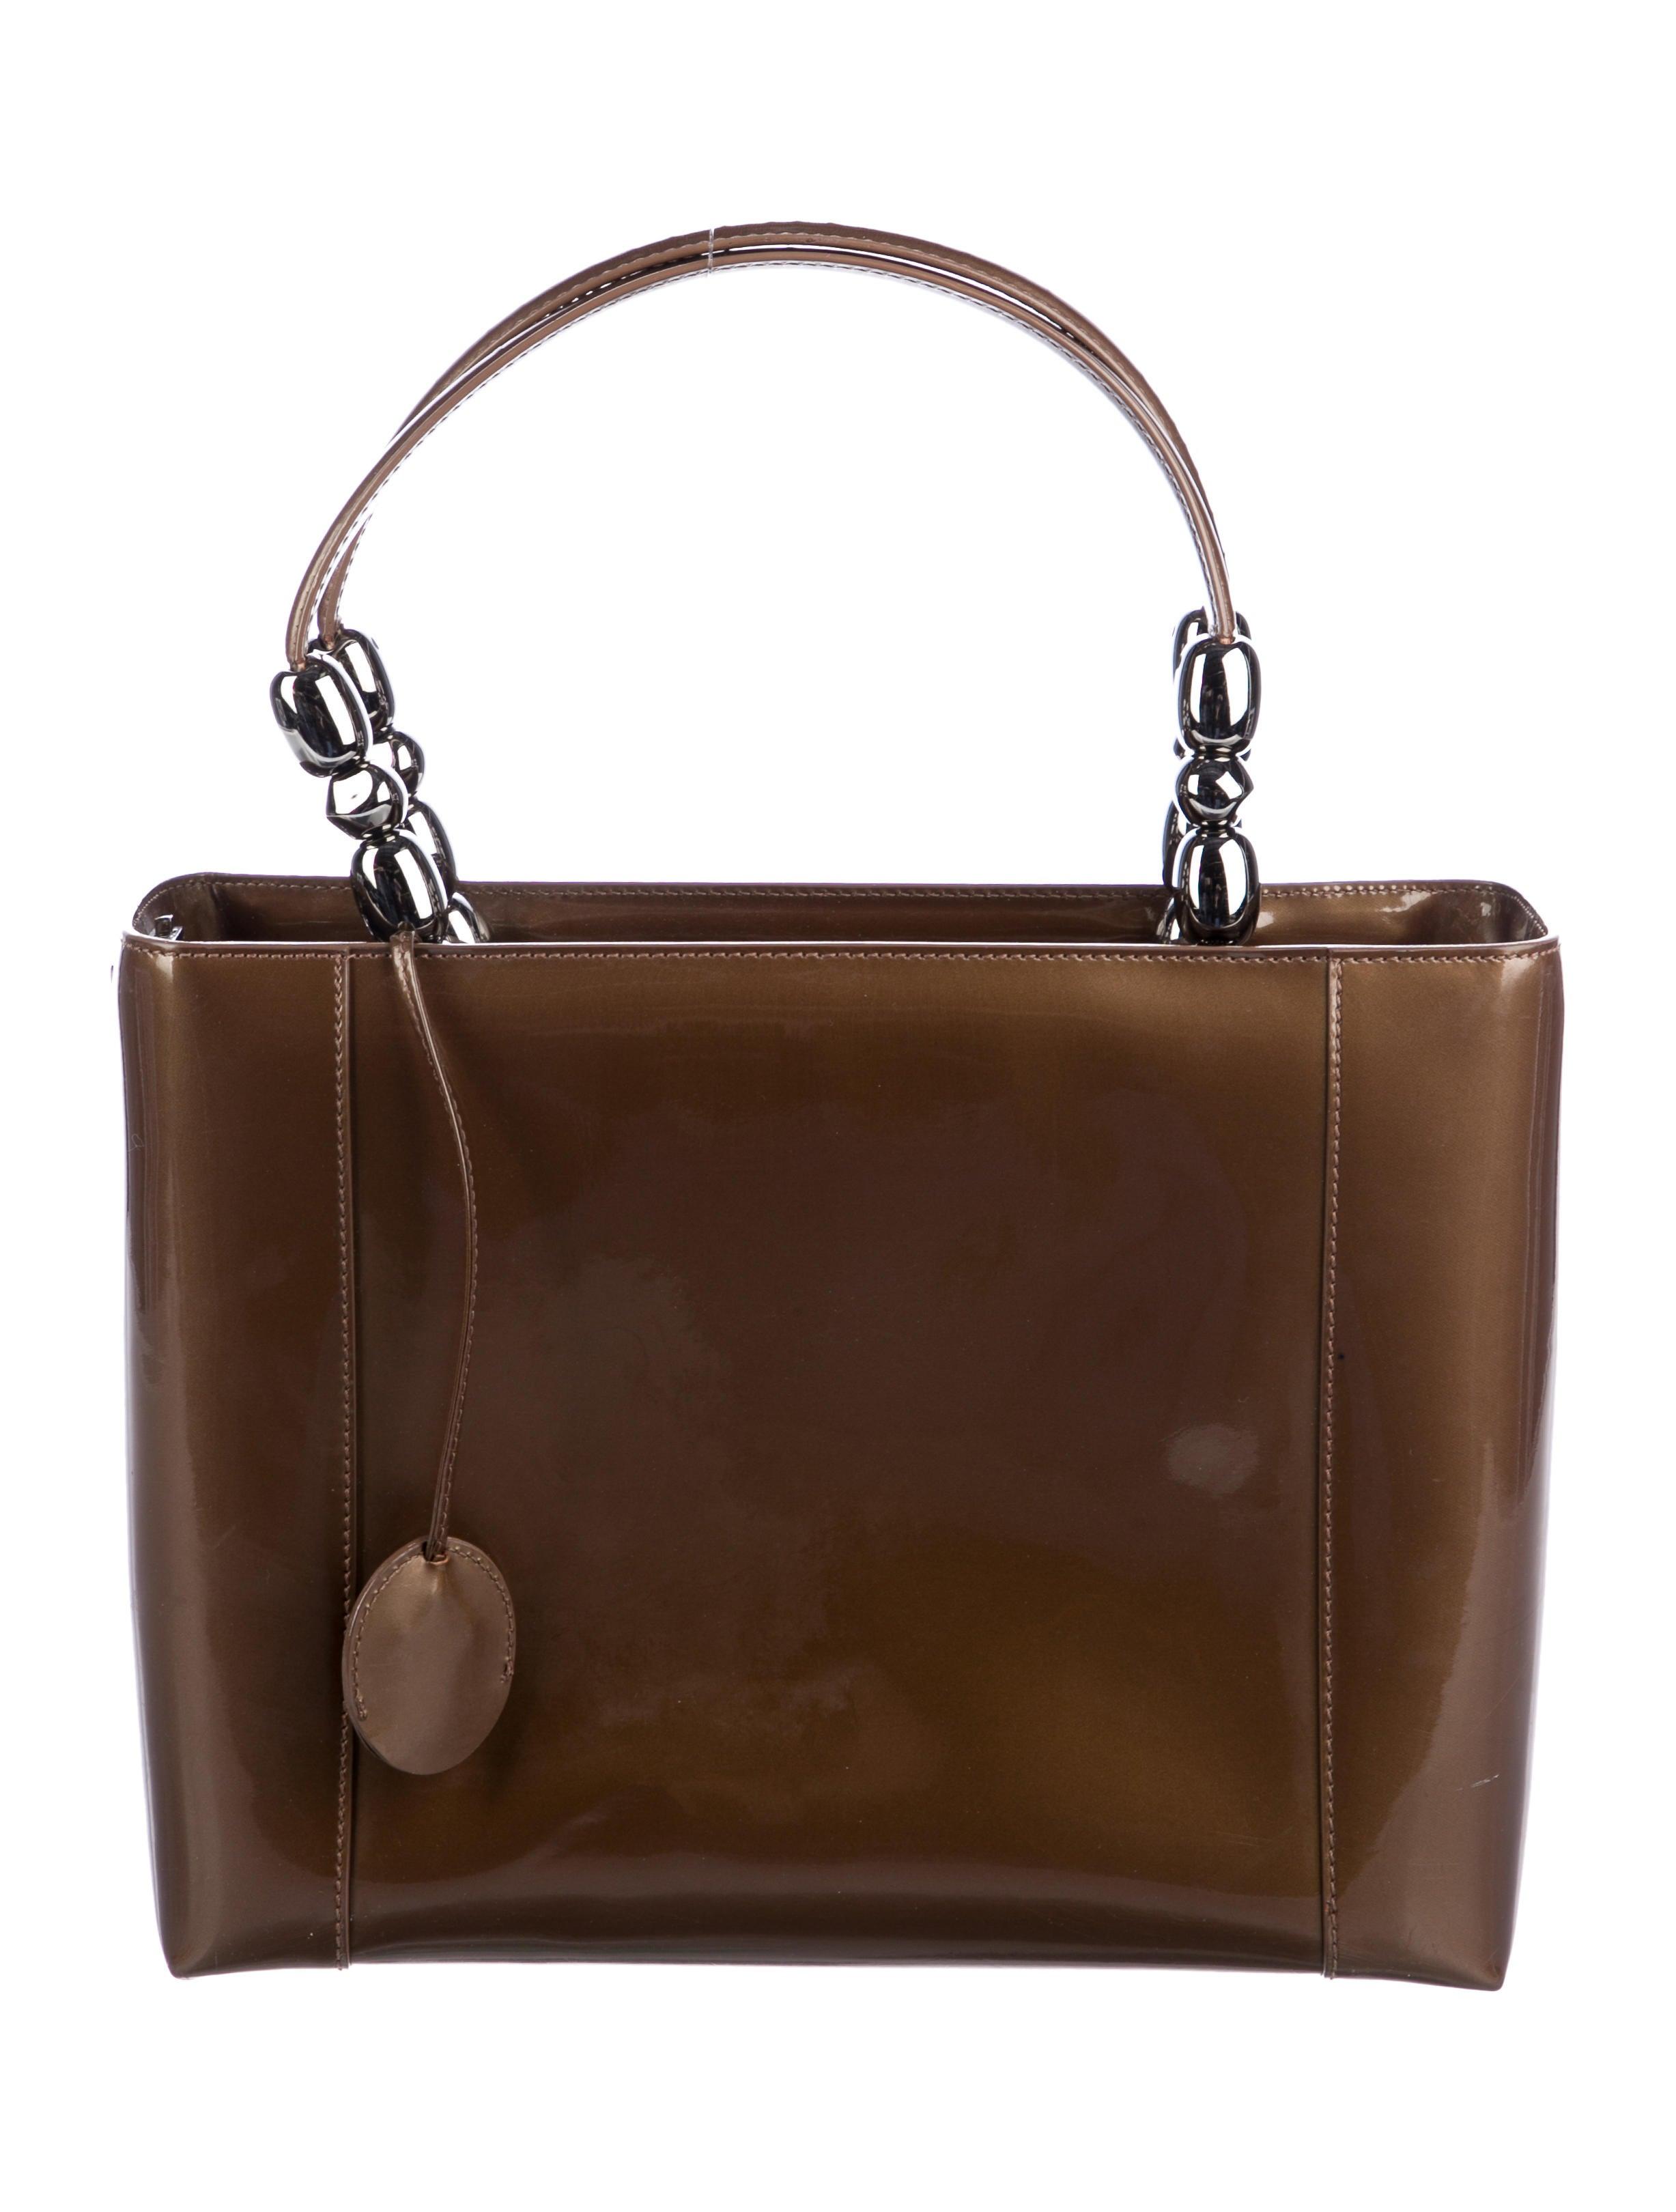 dd1473fdf1a1 Christian Dior Handbags